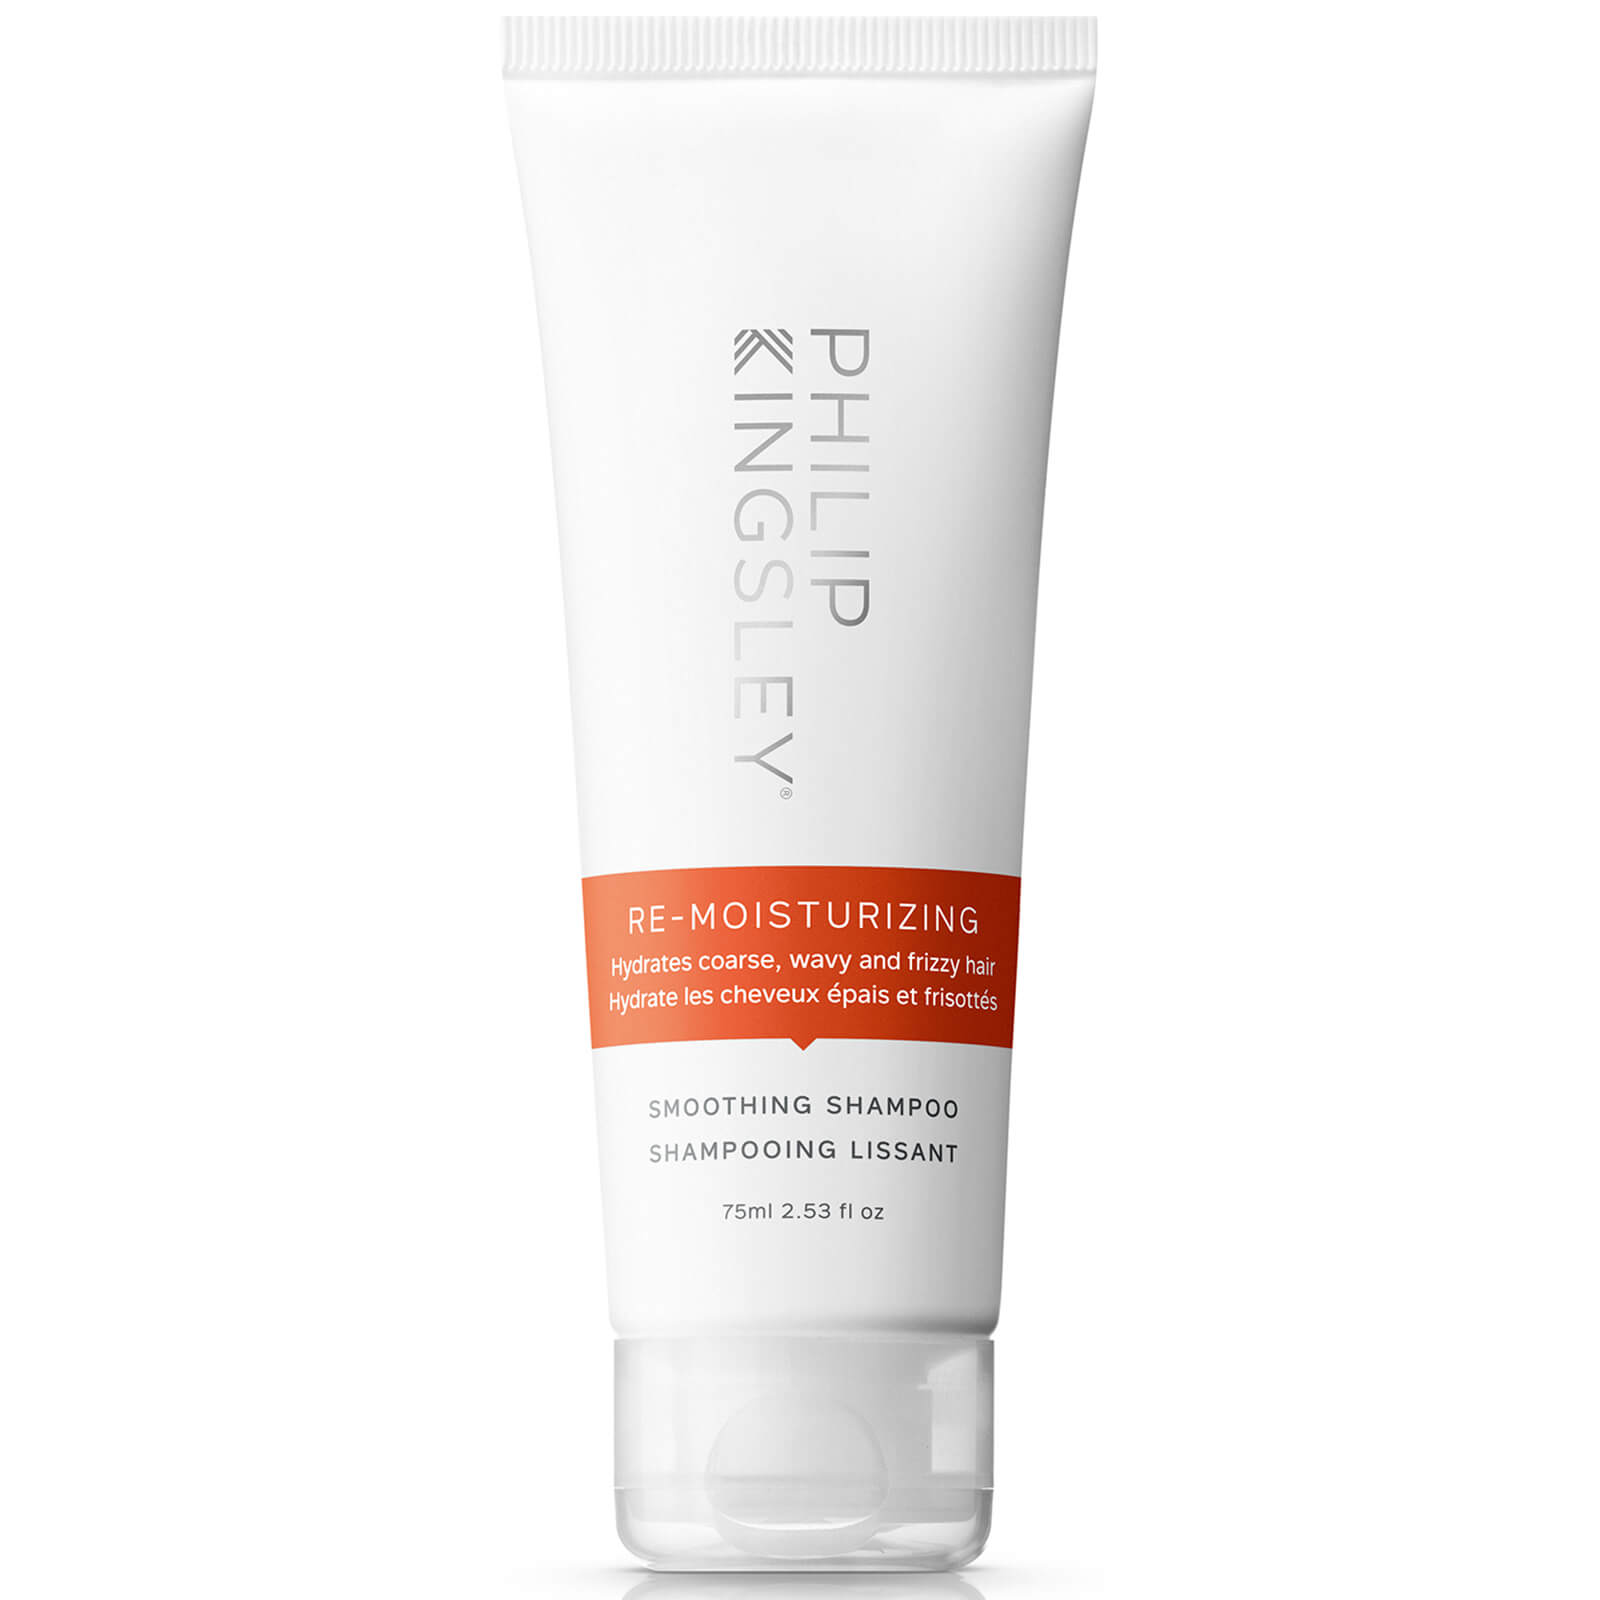 Philip Kingsley Re-Moisturizing Smoothing Shampoo 75ml